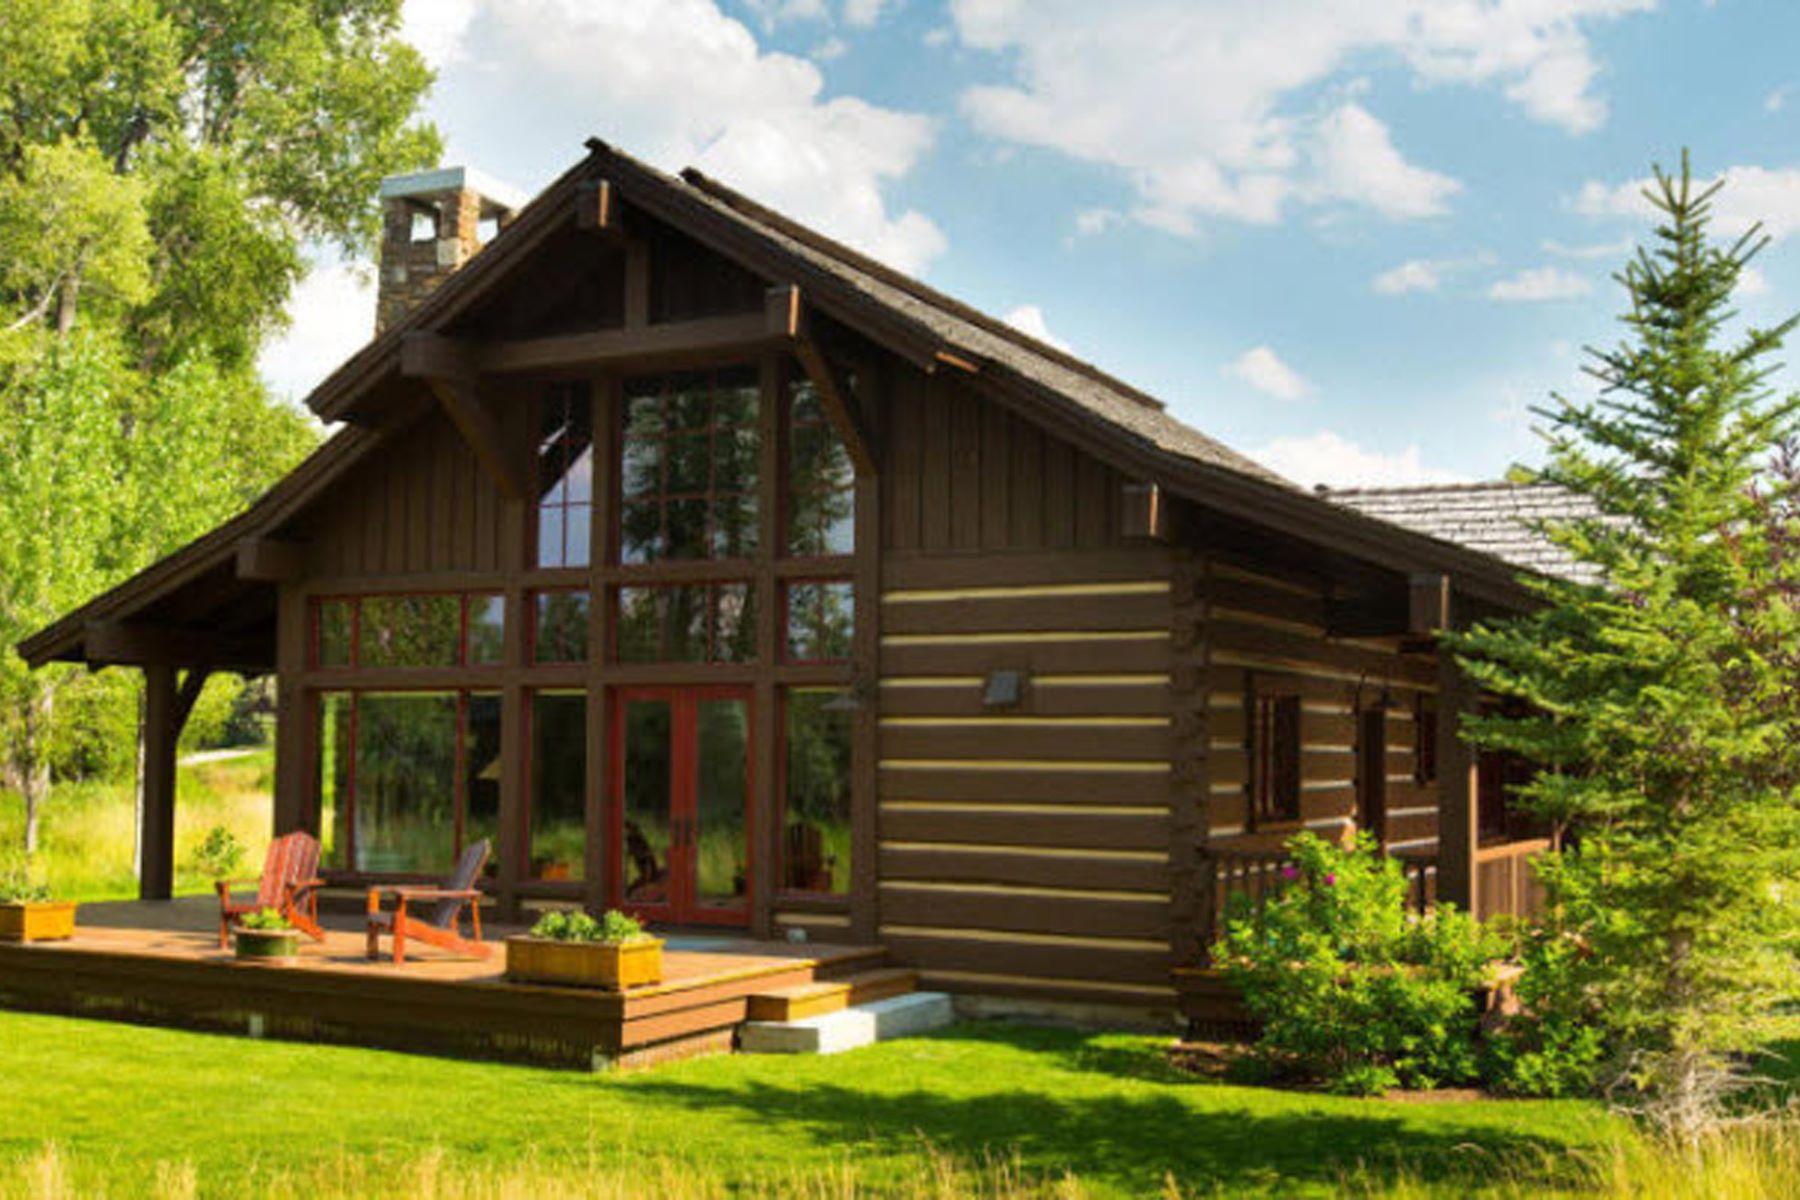 Maison unifamiliale pour l Vente à Rare Find 833 Arnica Ct Jackson, Wyoming, 83001 Jackson Hole, États-Unis